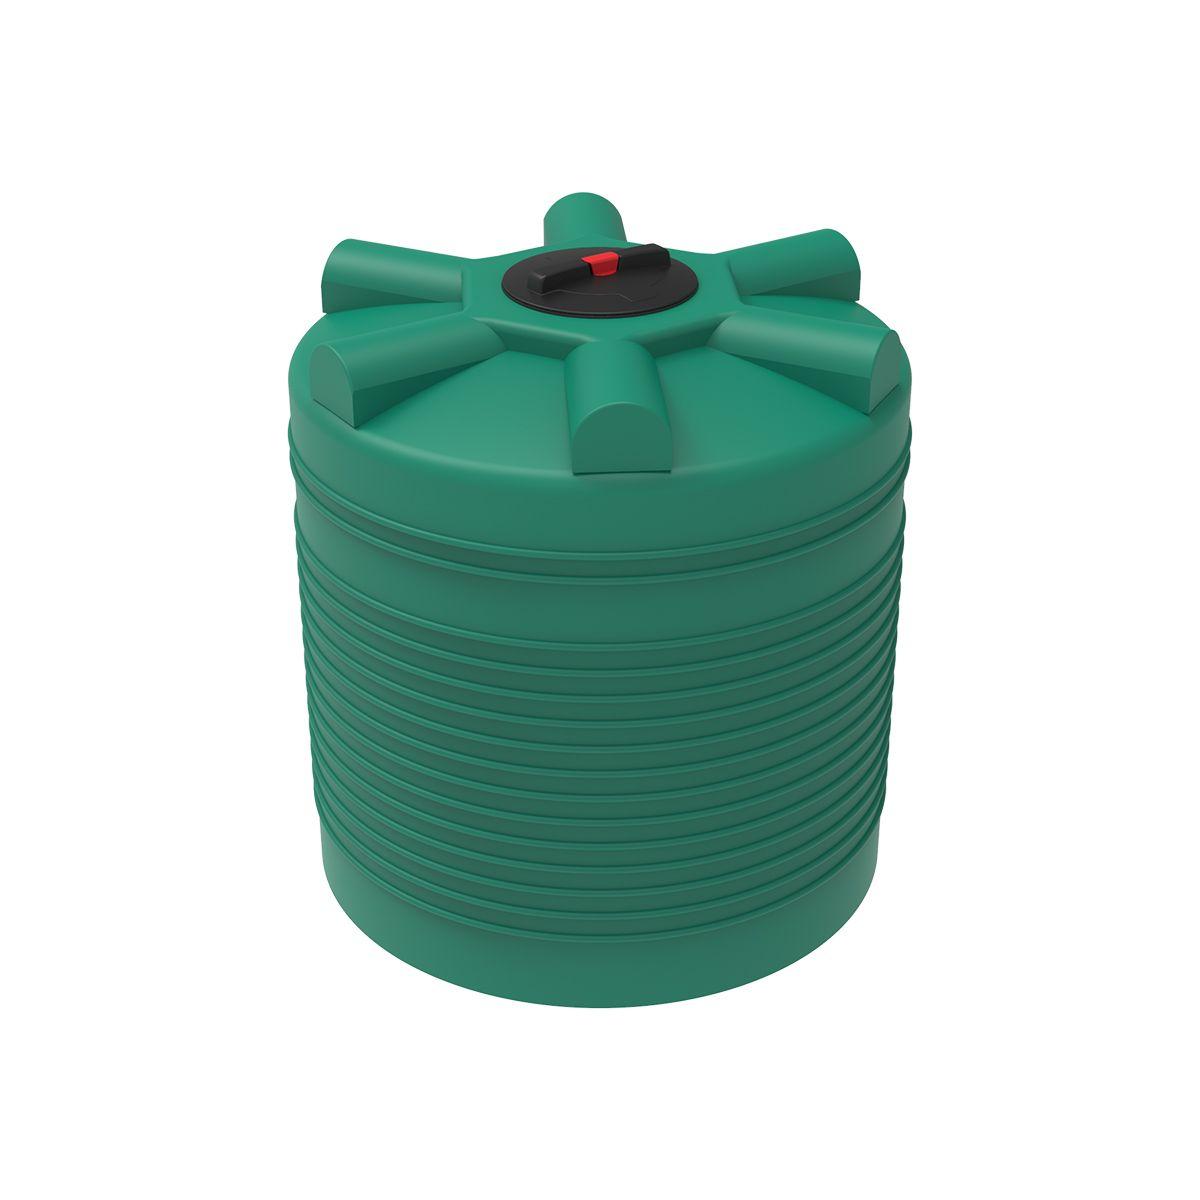 Бак для воды 1000 литров ЭВЛ зеленый